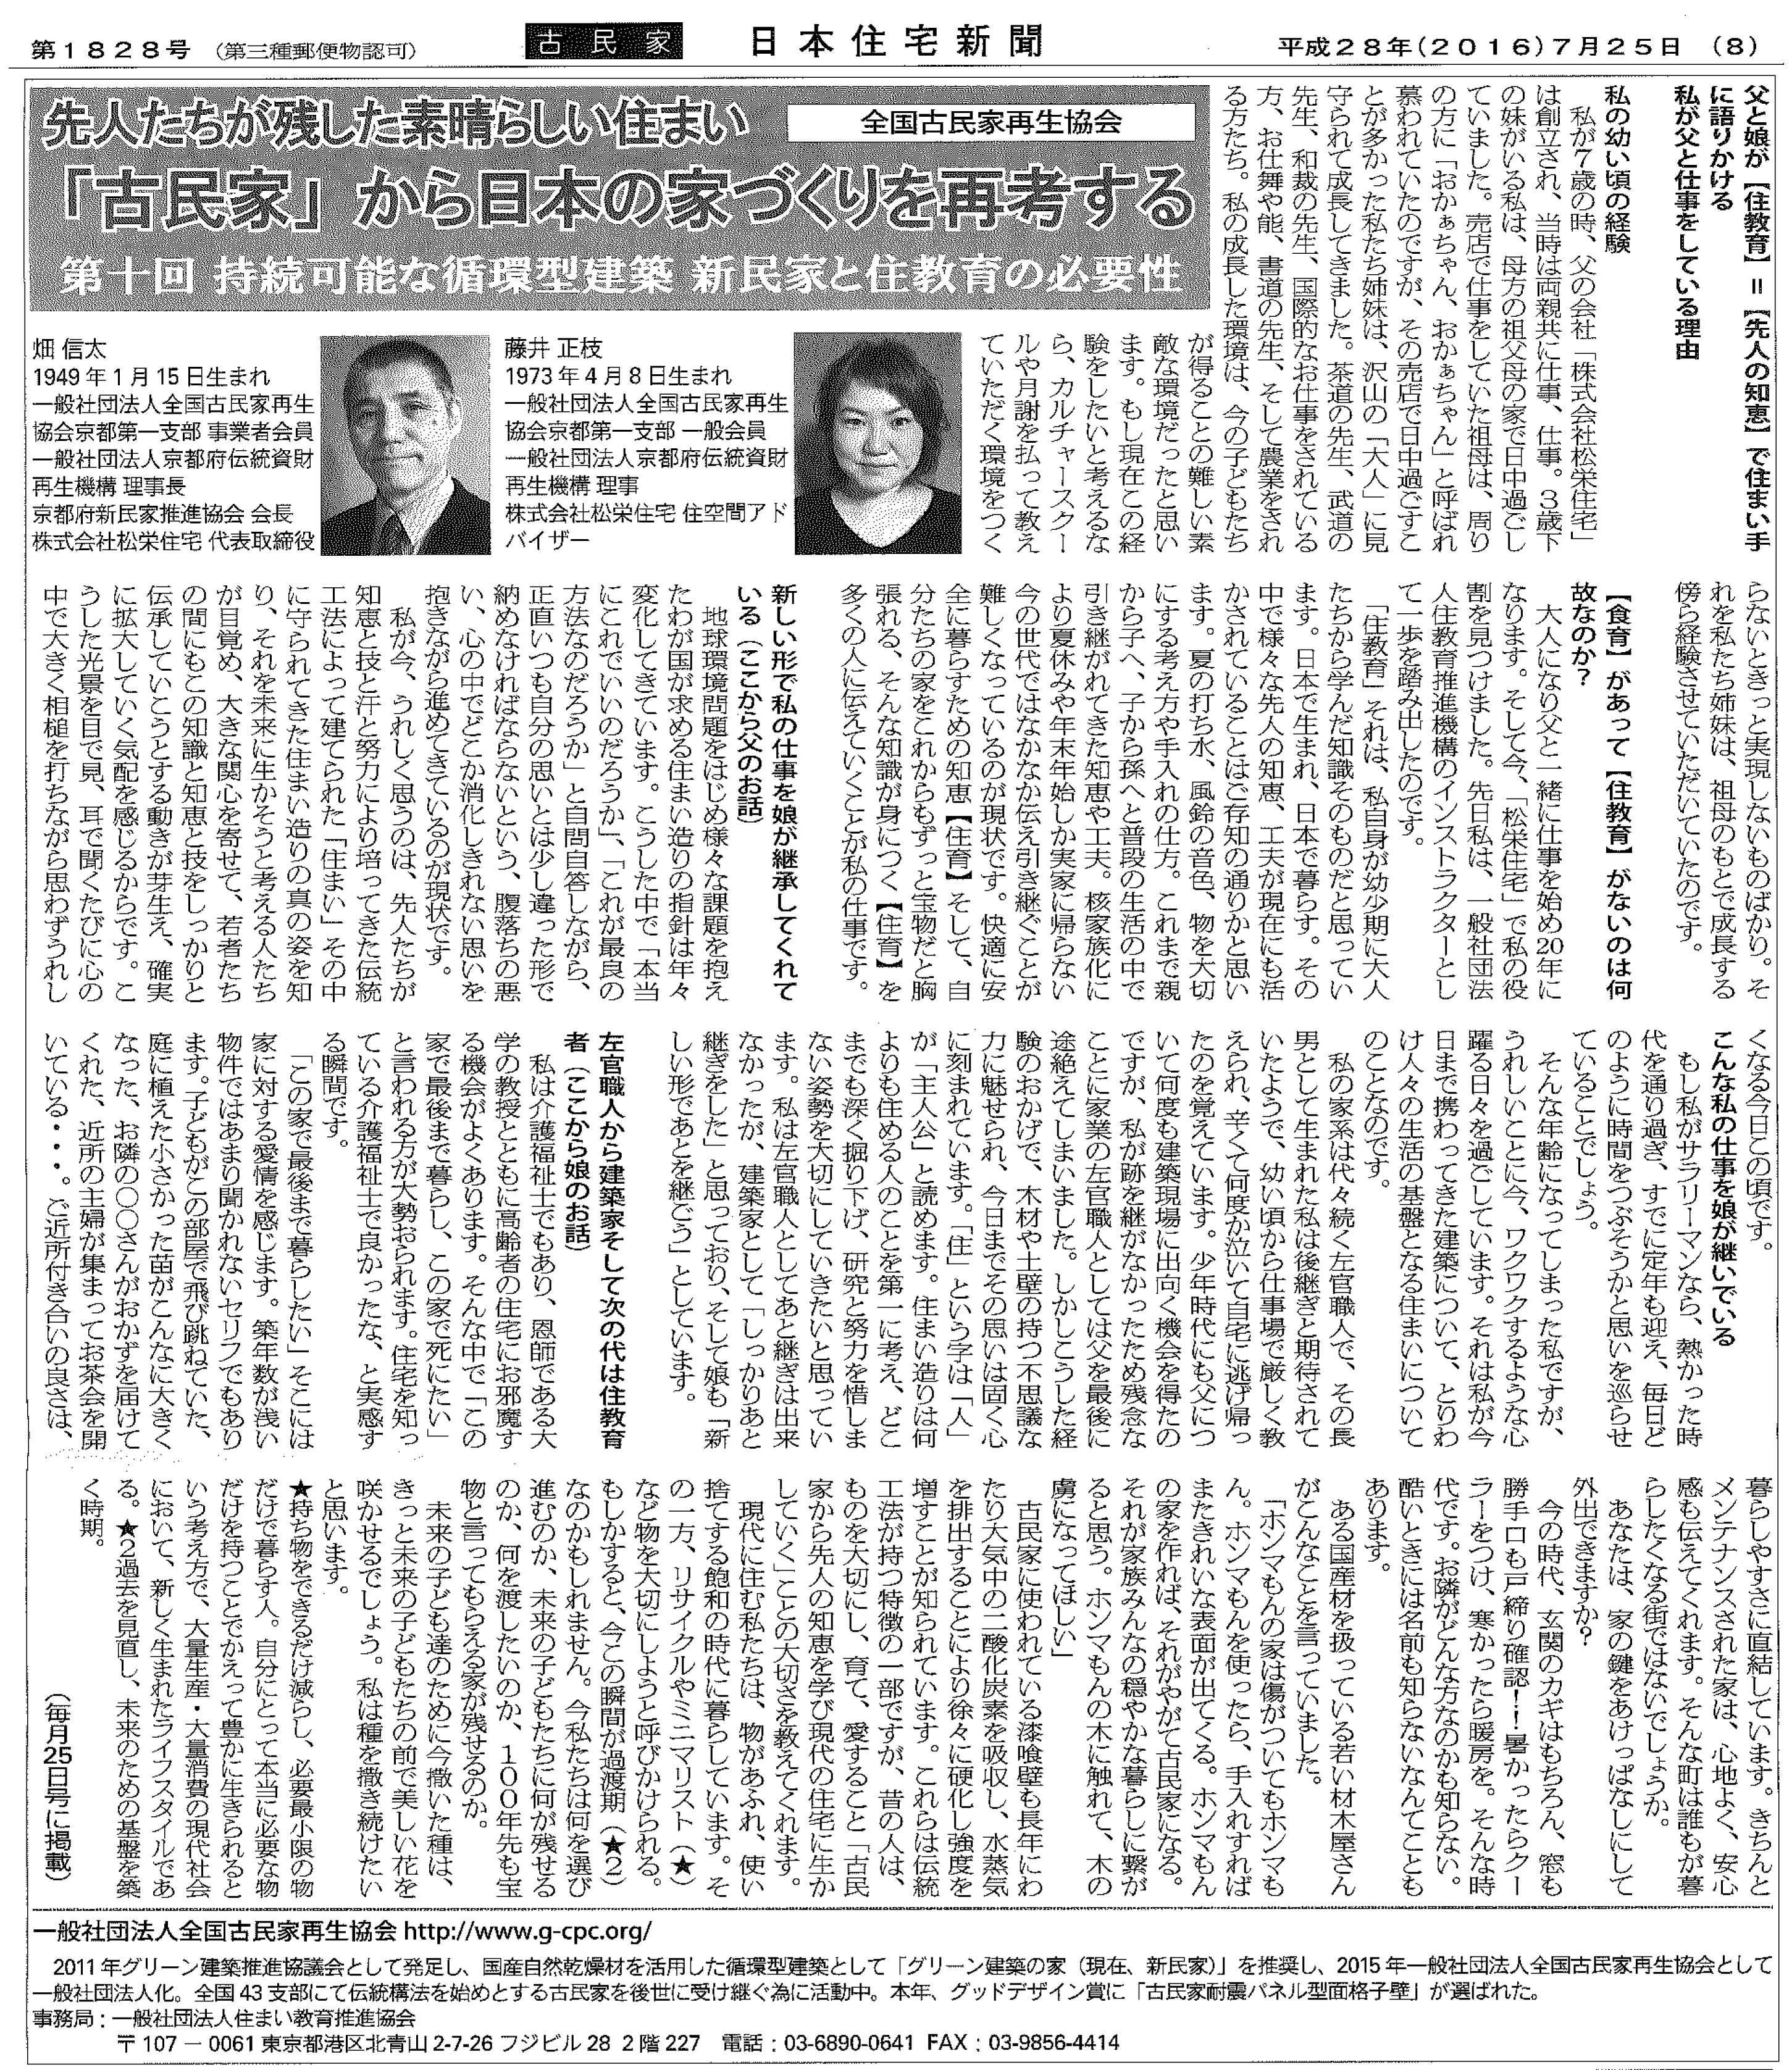 日本住宅新聞連載第10